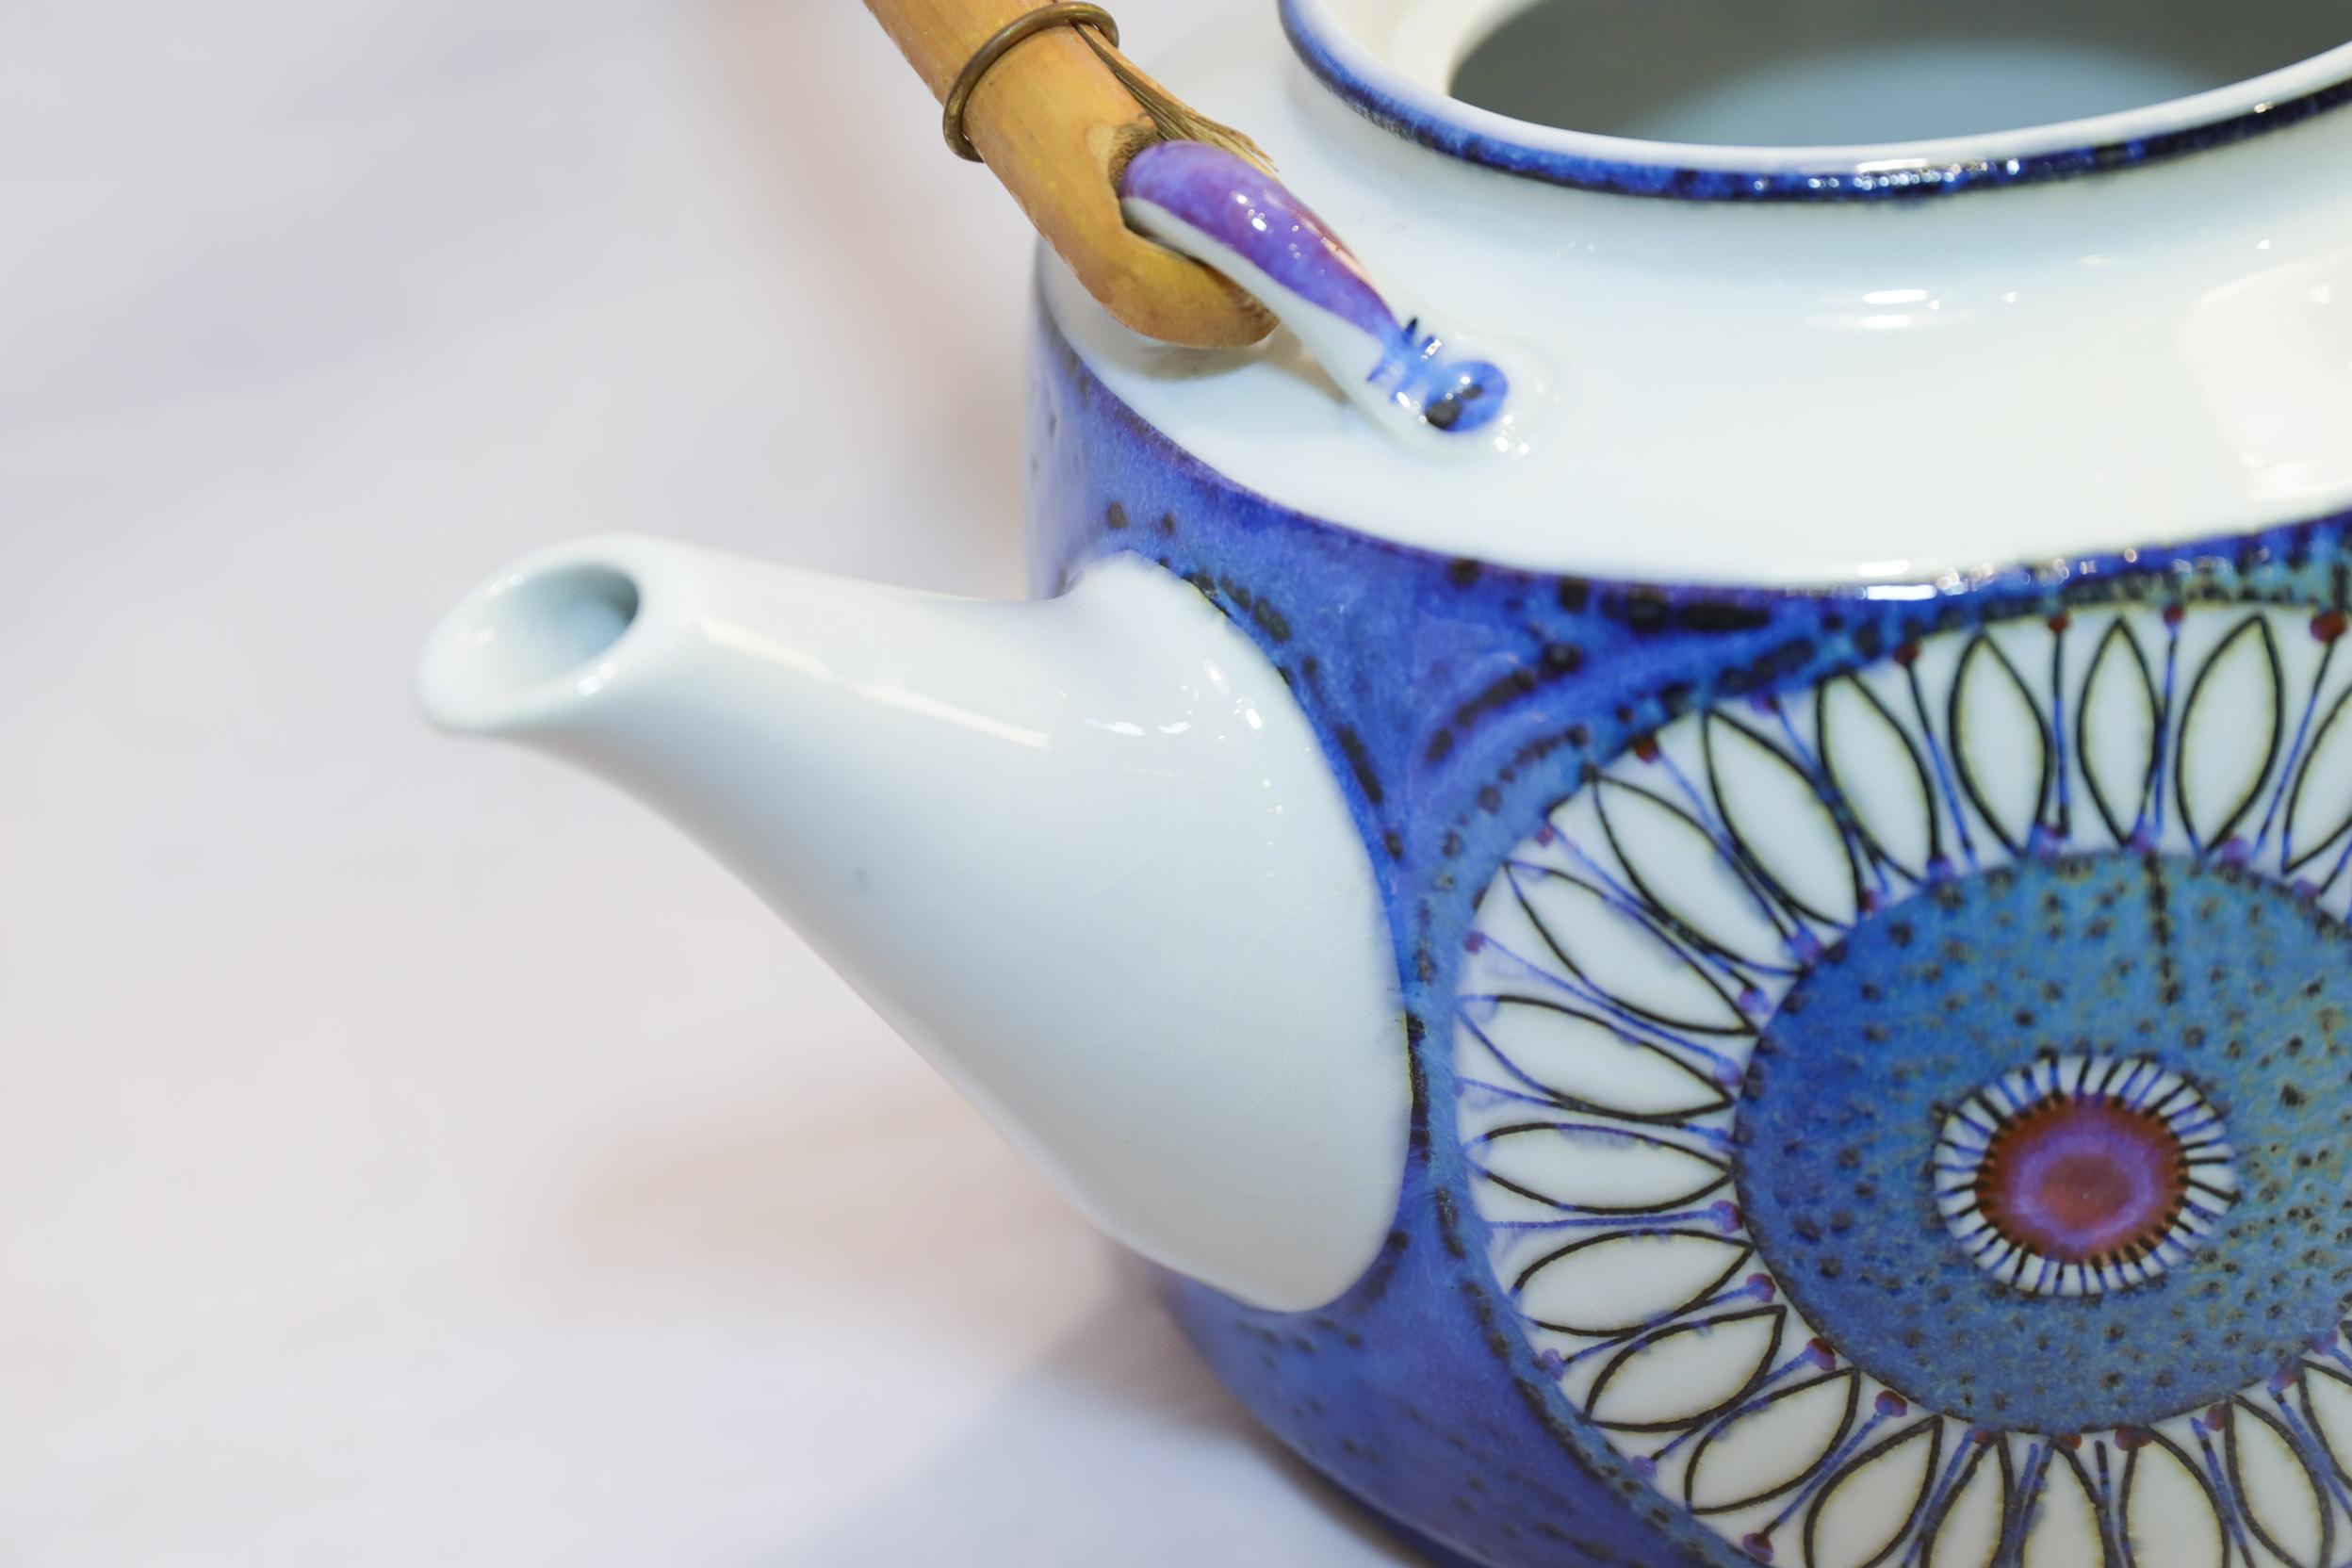 Royal Copenhagen Tenera Annette Tea Pot/ロイヤルコペンハーゲン テネラ アネット ティーポット 急須 ベルテ・イェッセン 北欧食器 ヴィンテージ